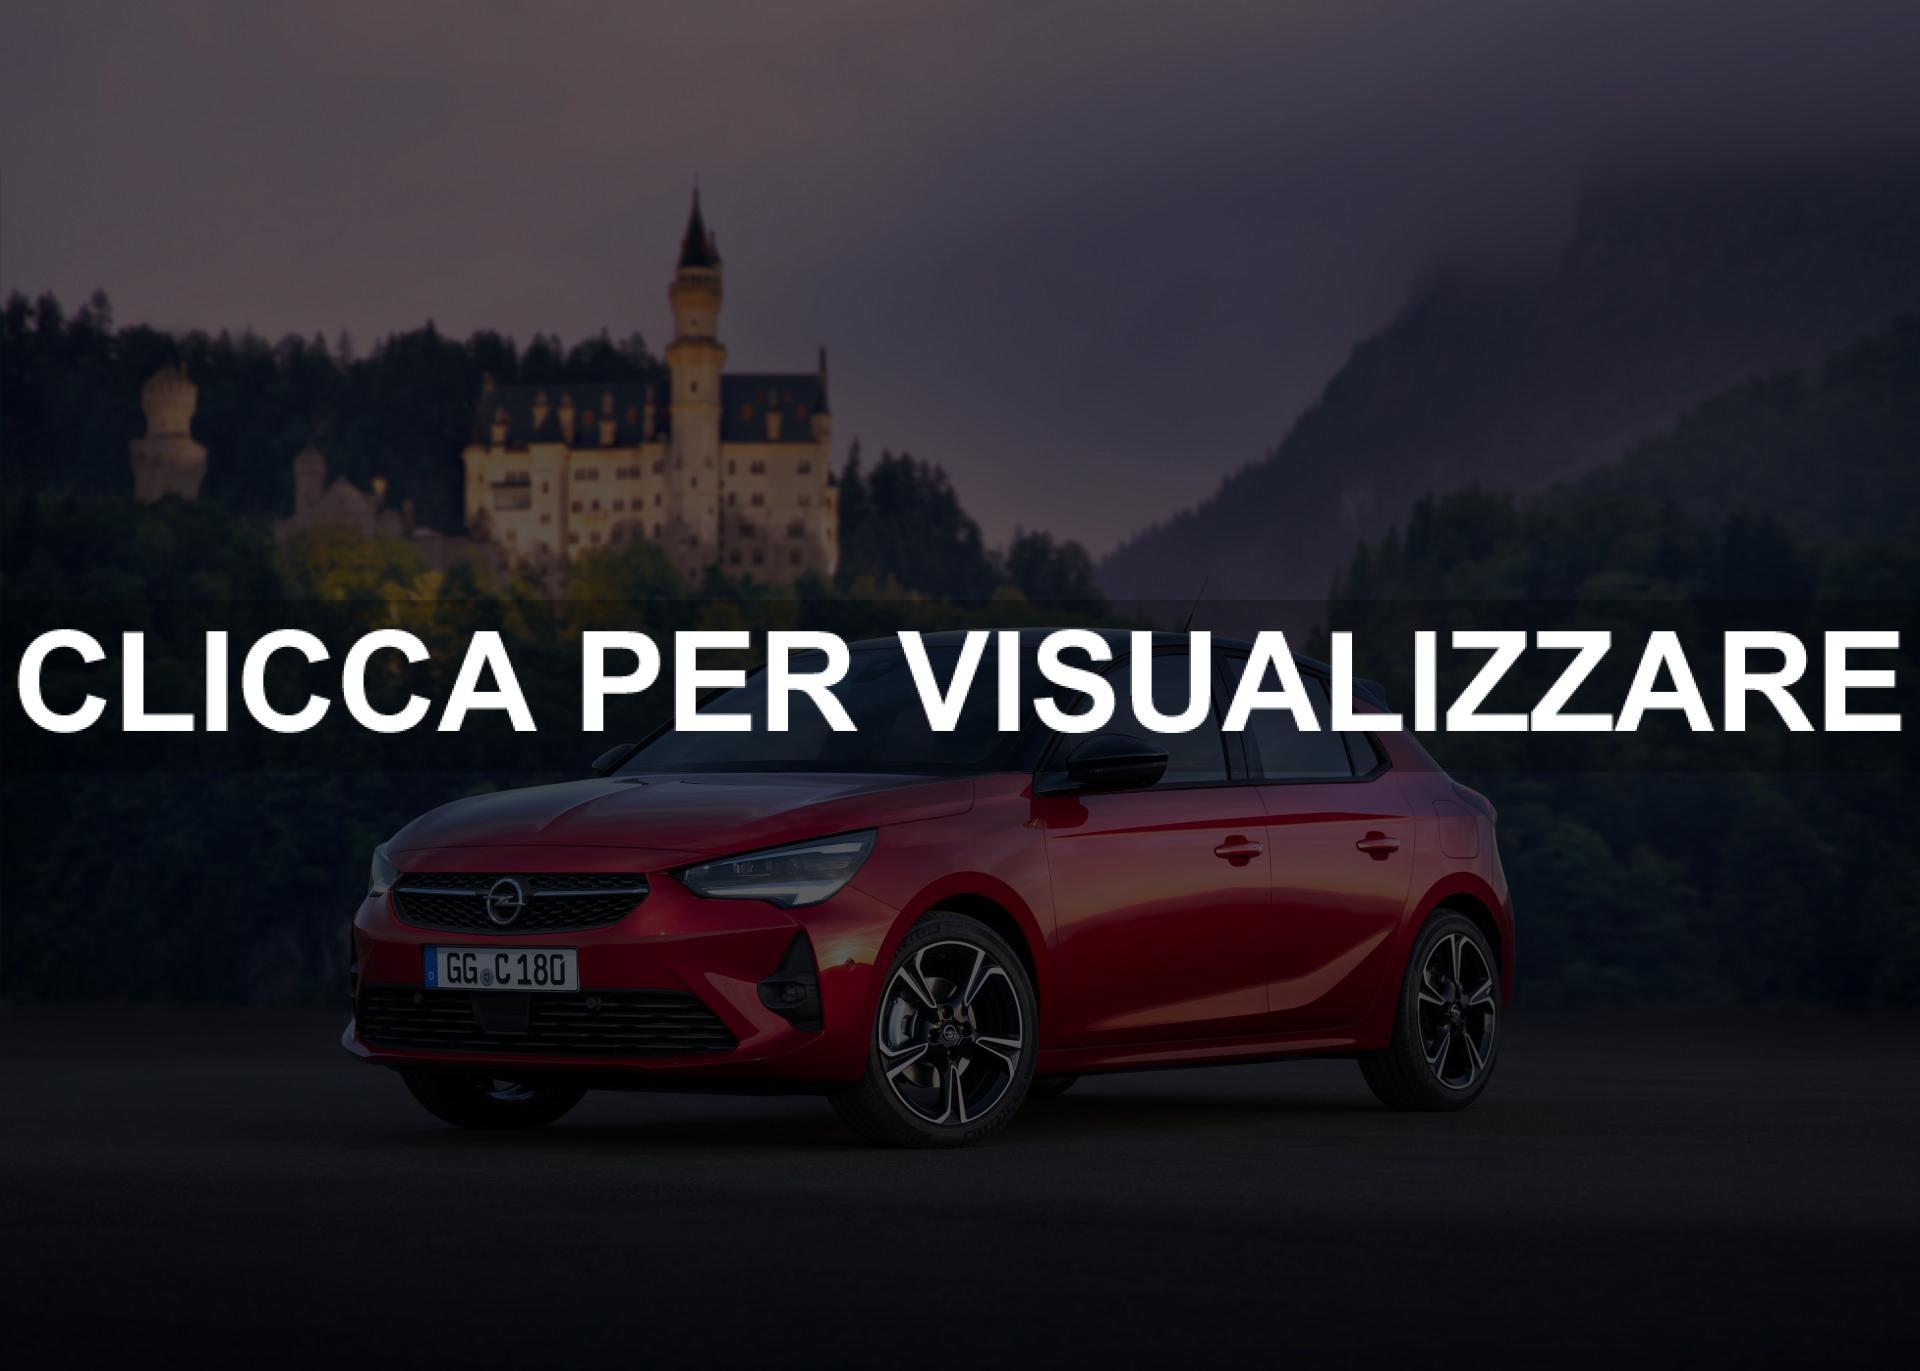 Listino Prezzi nuova Opel Corsa e Corsa Elettrica 2020